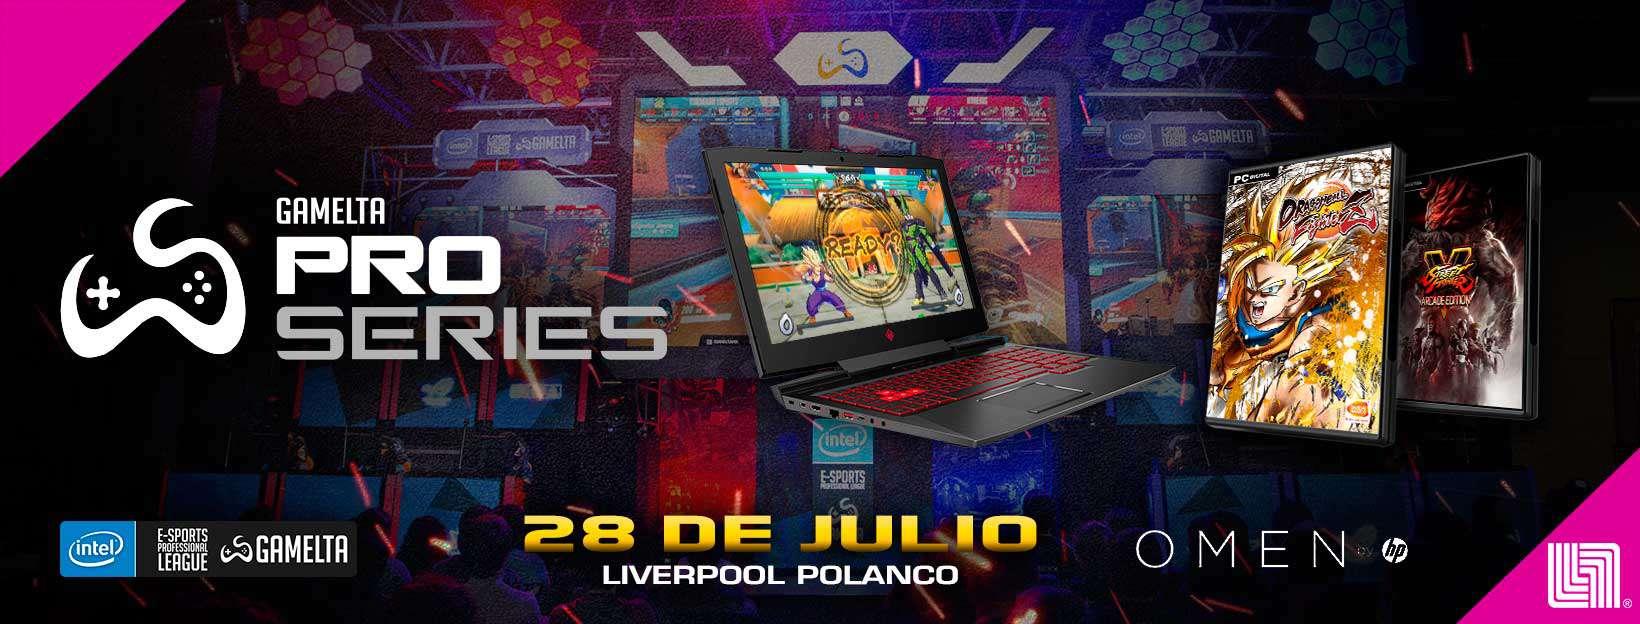 Gamelta Pro Series te lleva a EVO 2018